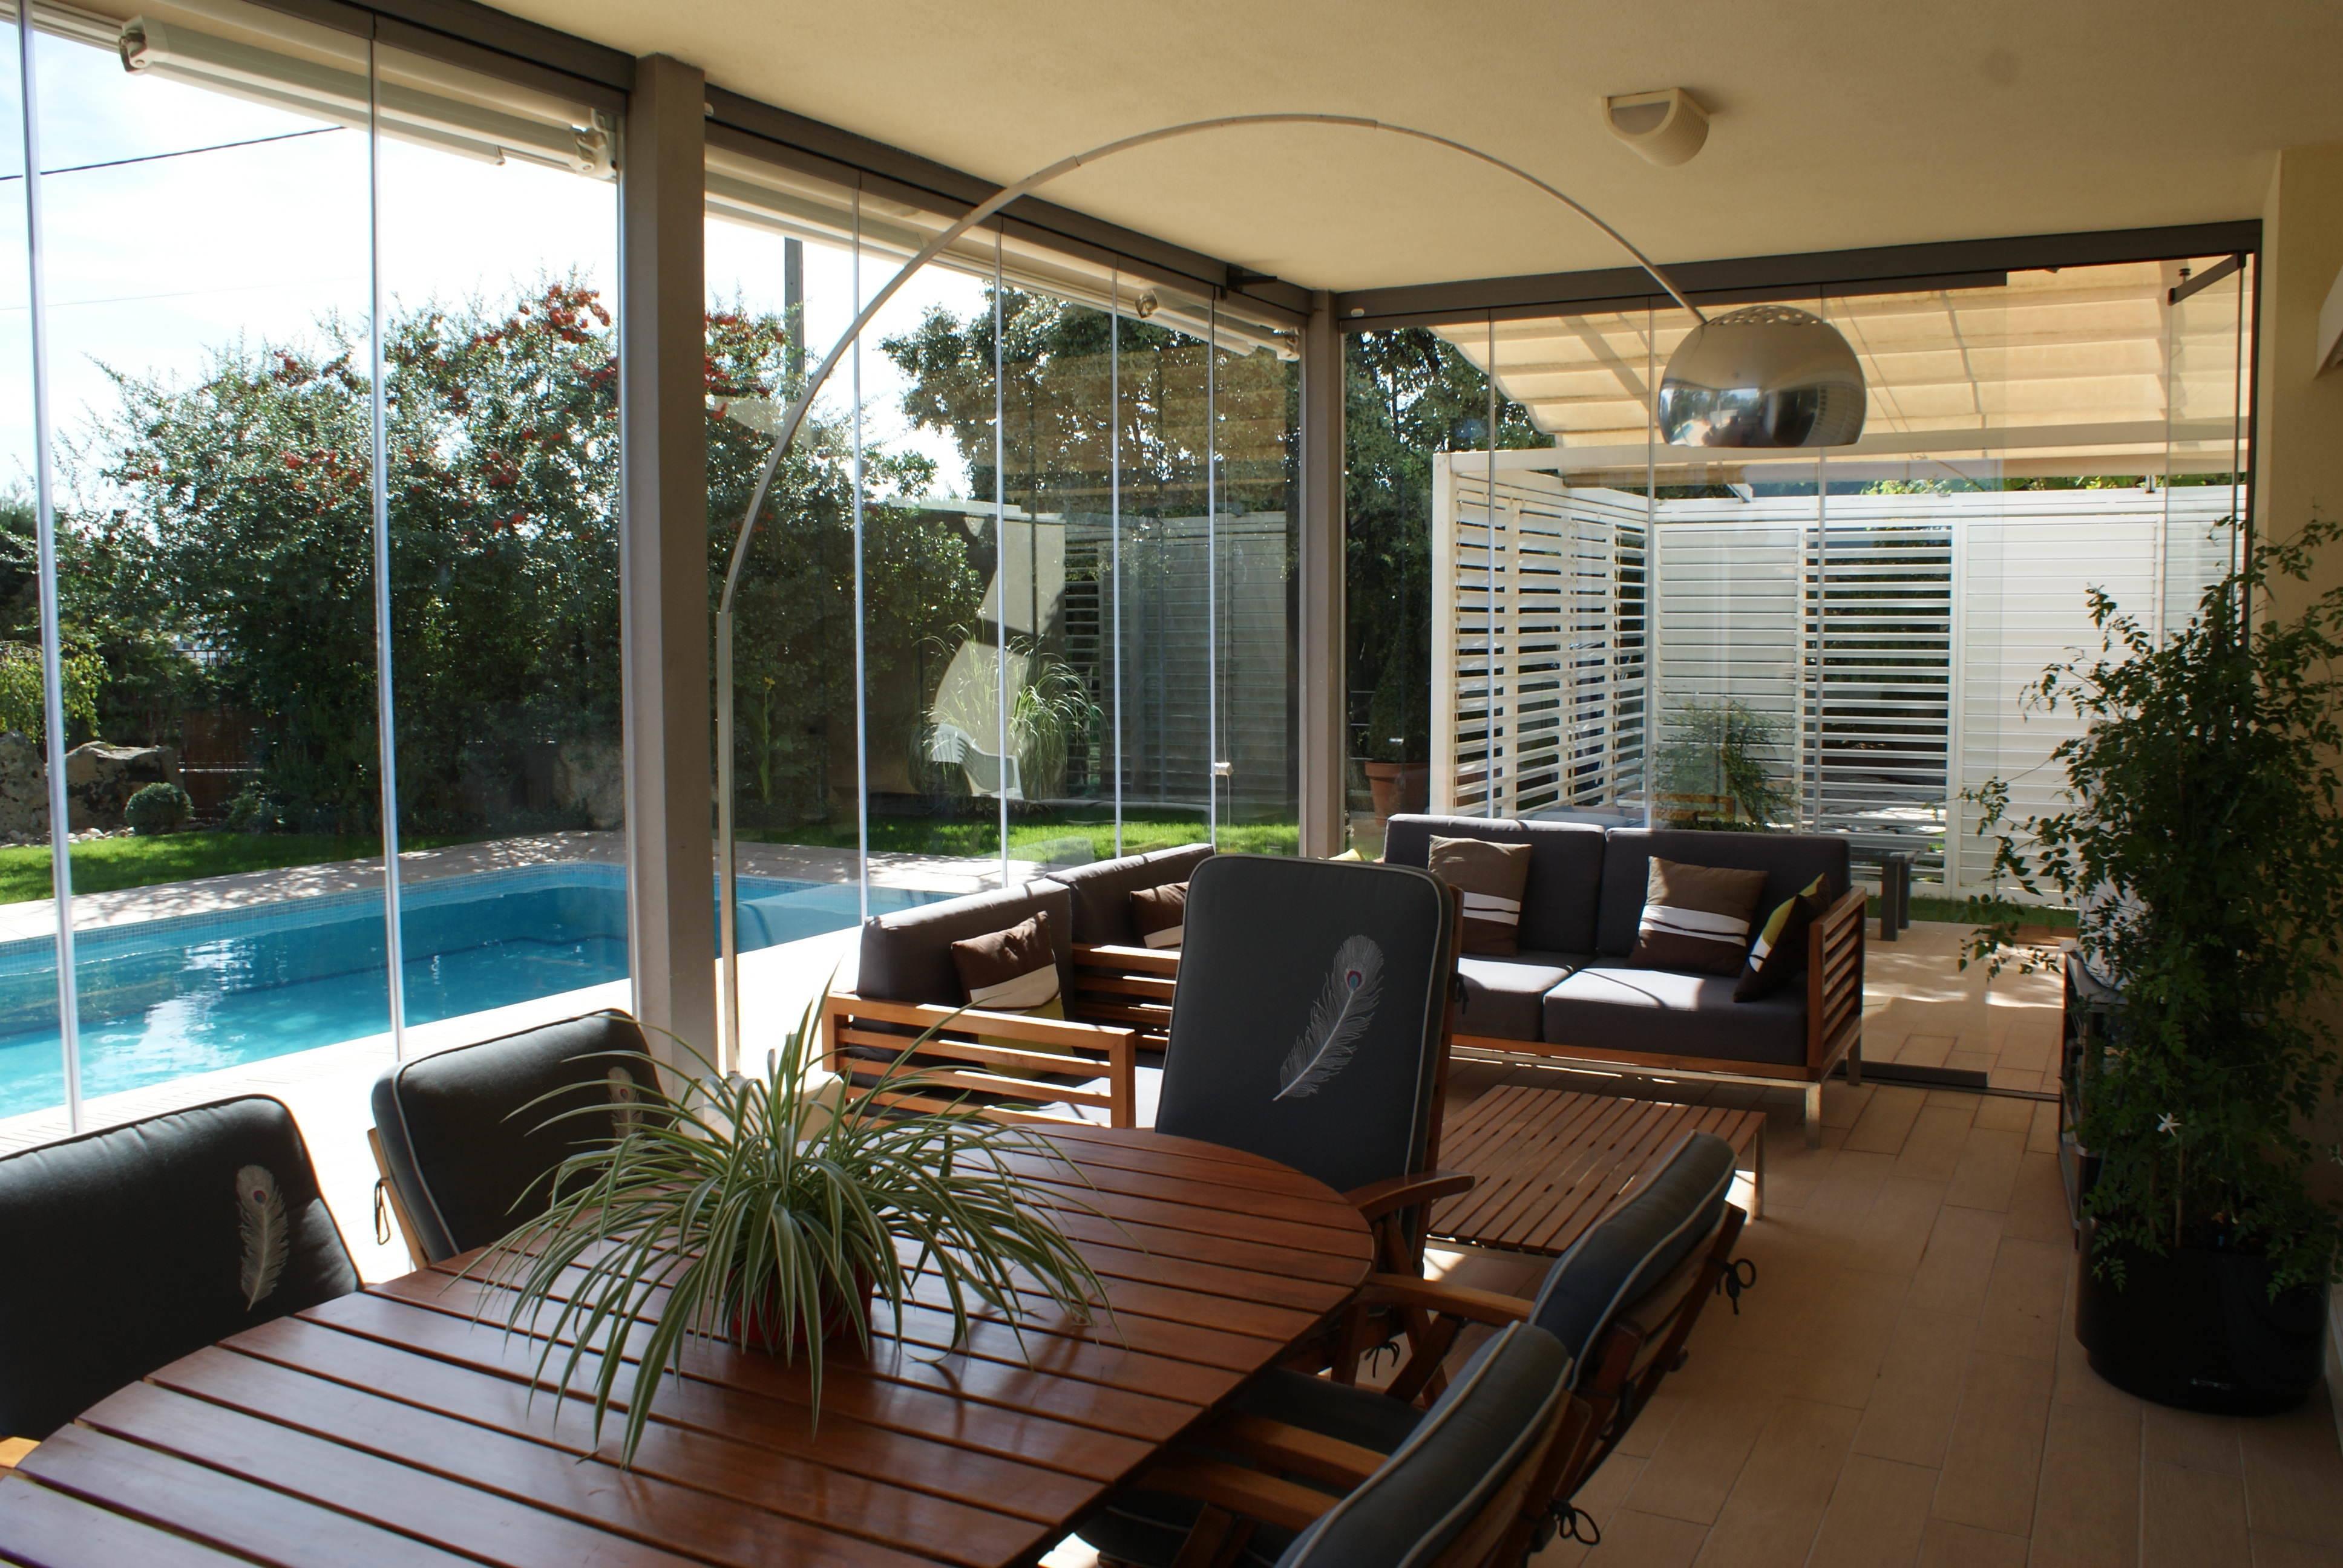 Fraimar aluminios s l techos cortinas de cristal y cerramientos de aluminio en madrid - Decorar un porche cerrado ...